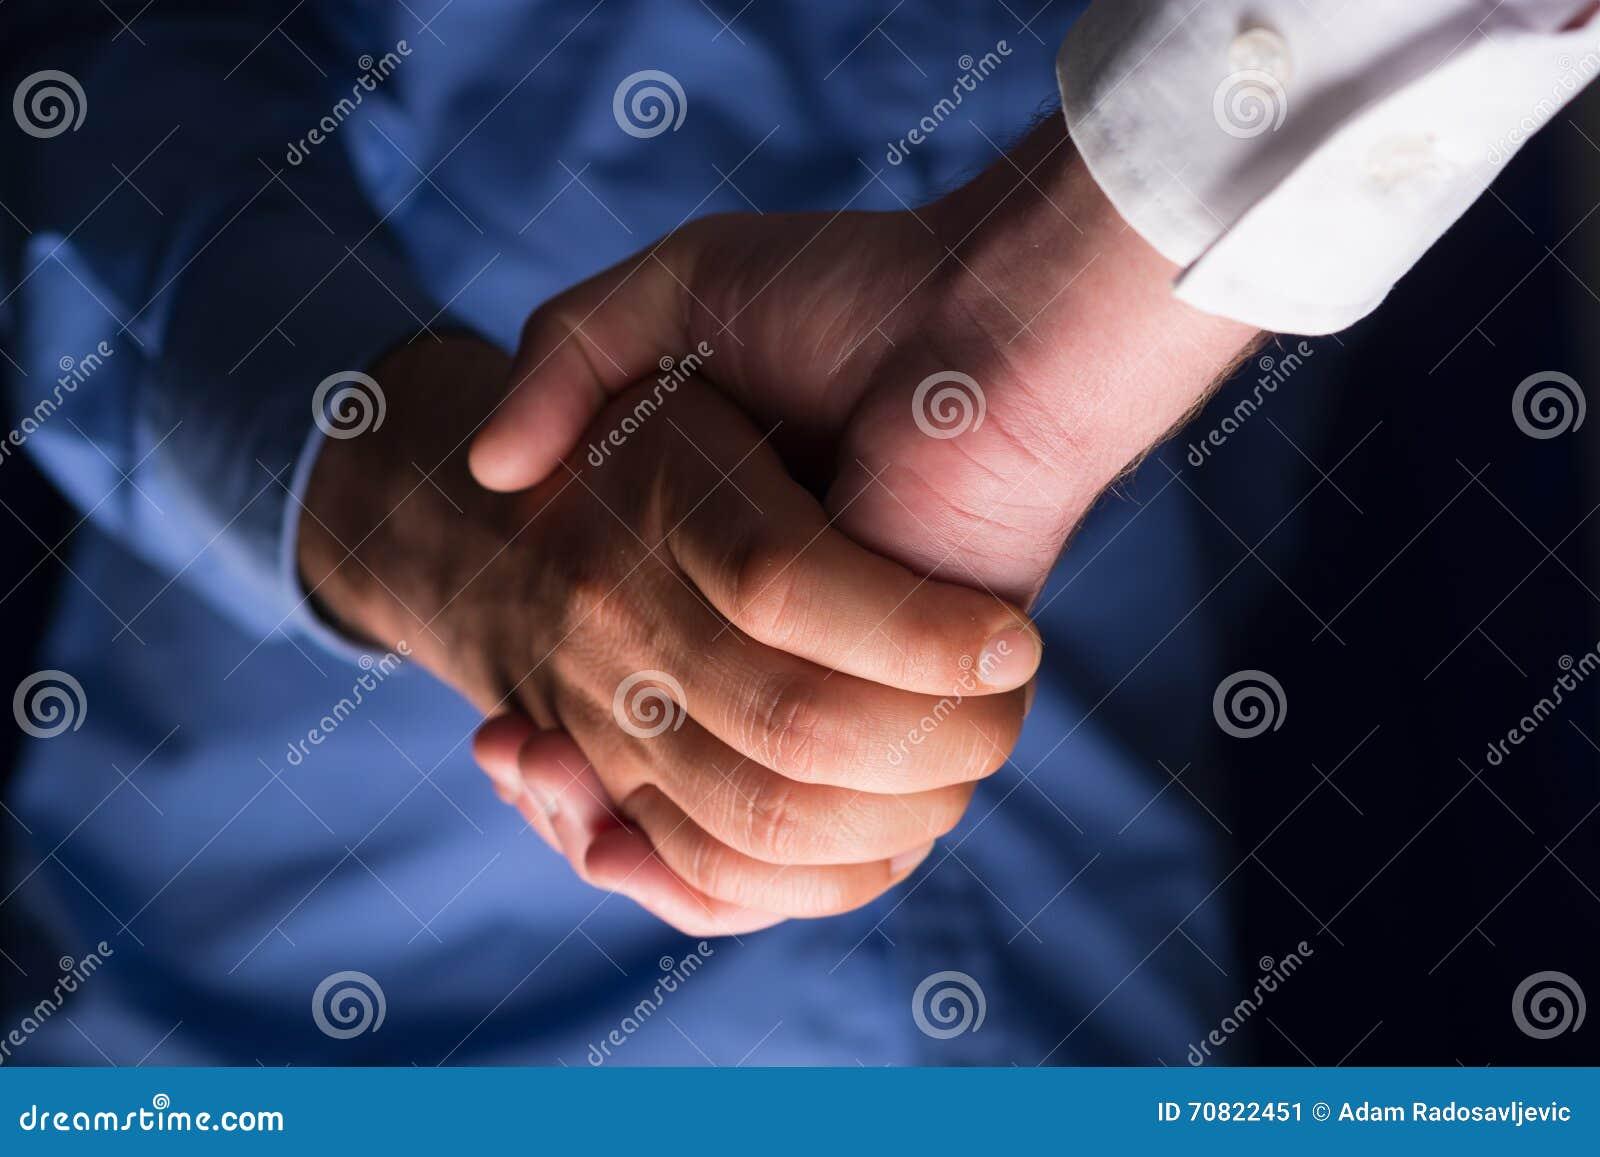 Poignée de main de poignée de main dans l obscurité avec la faible luminosité